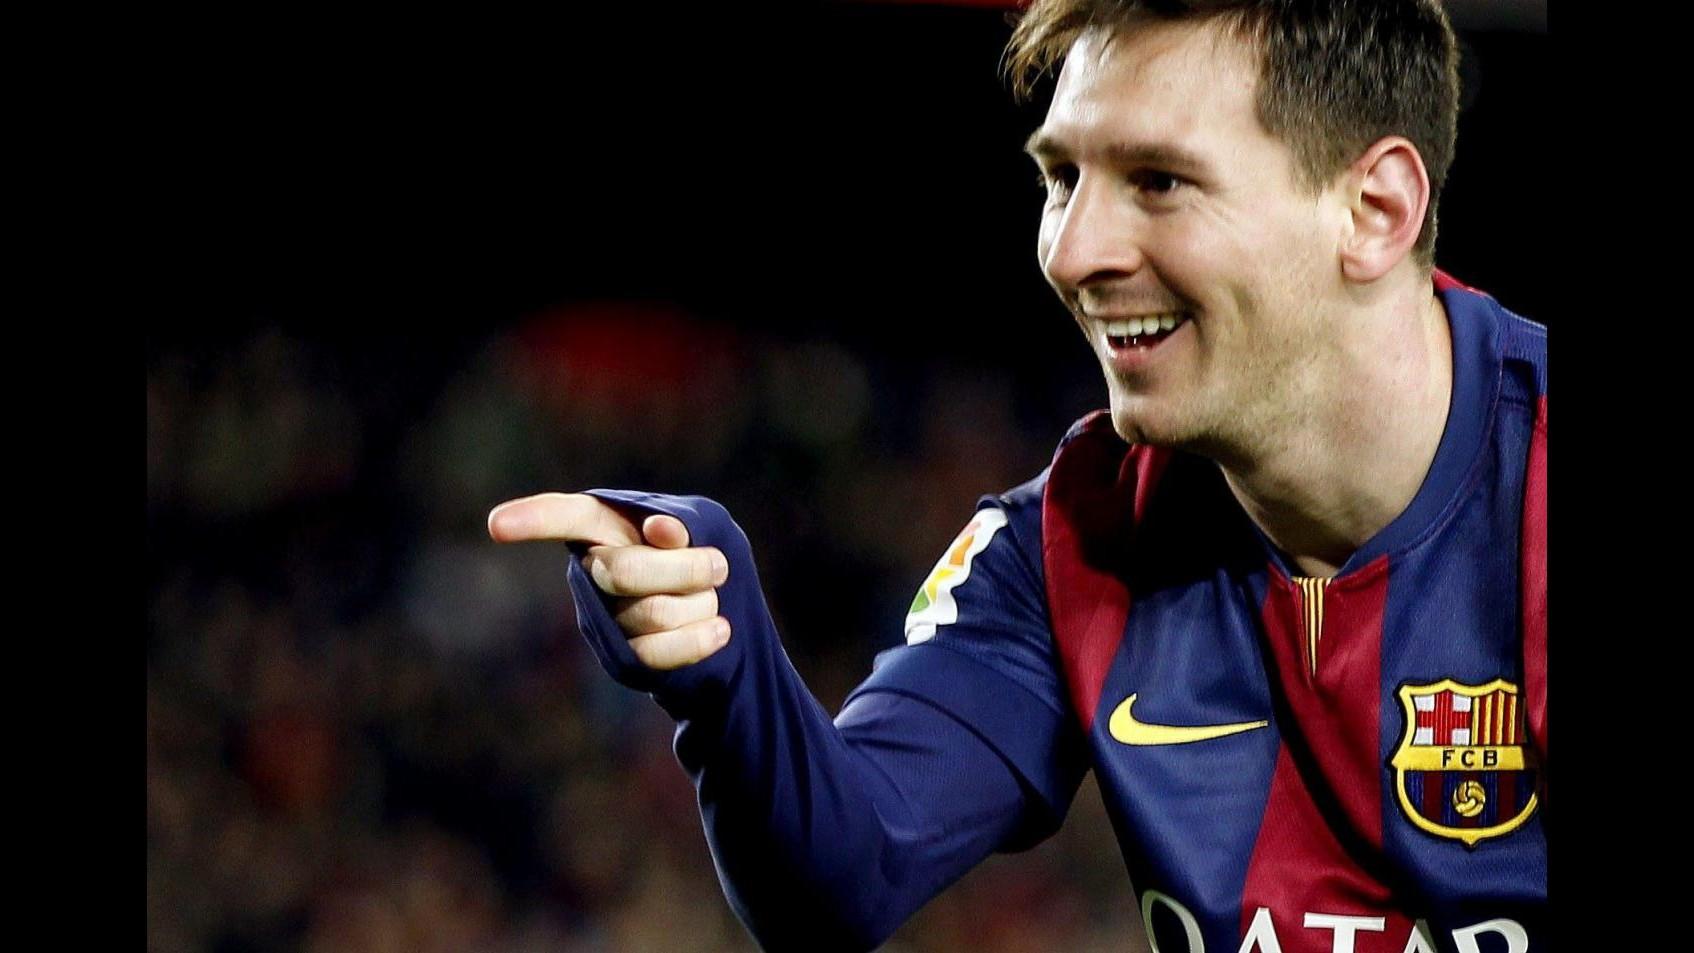 Controllo antidoping al Barcellona. Messi: Unico sottoposto a test sangue e urine. Strano…